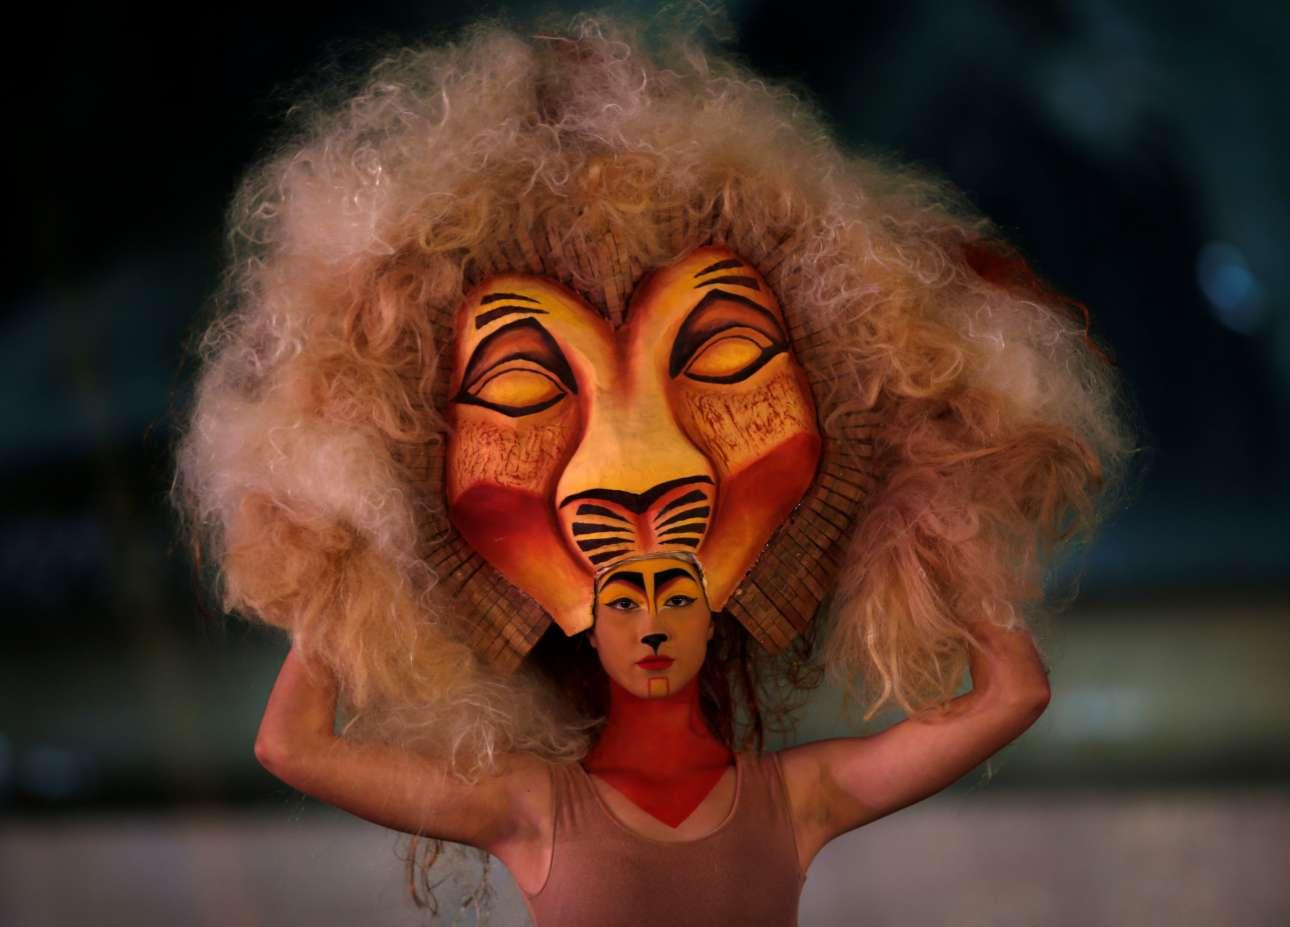 Μοντέλο παρουσιάζει μια δημιουργία της στυλίστριας Φλάβια Ατάρντ Μποργκ κατά την διάρκεια της Εβδομάδας Μόδας στην Βαλέτα της Μάλτας